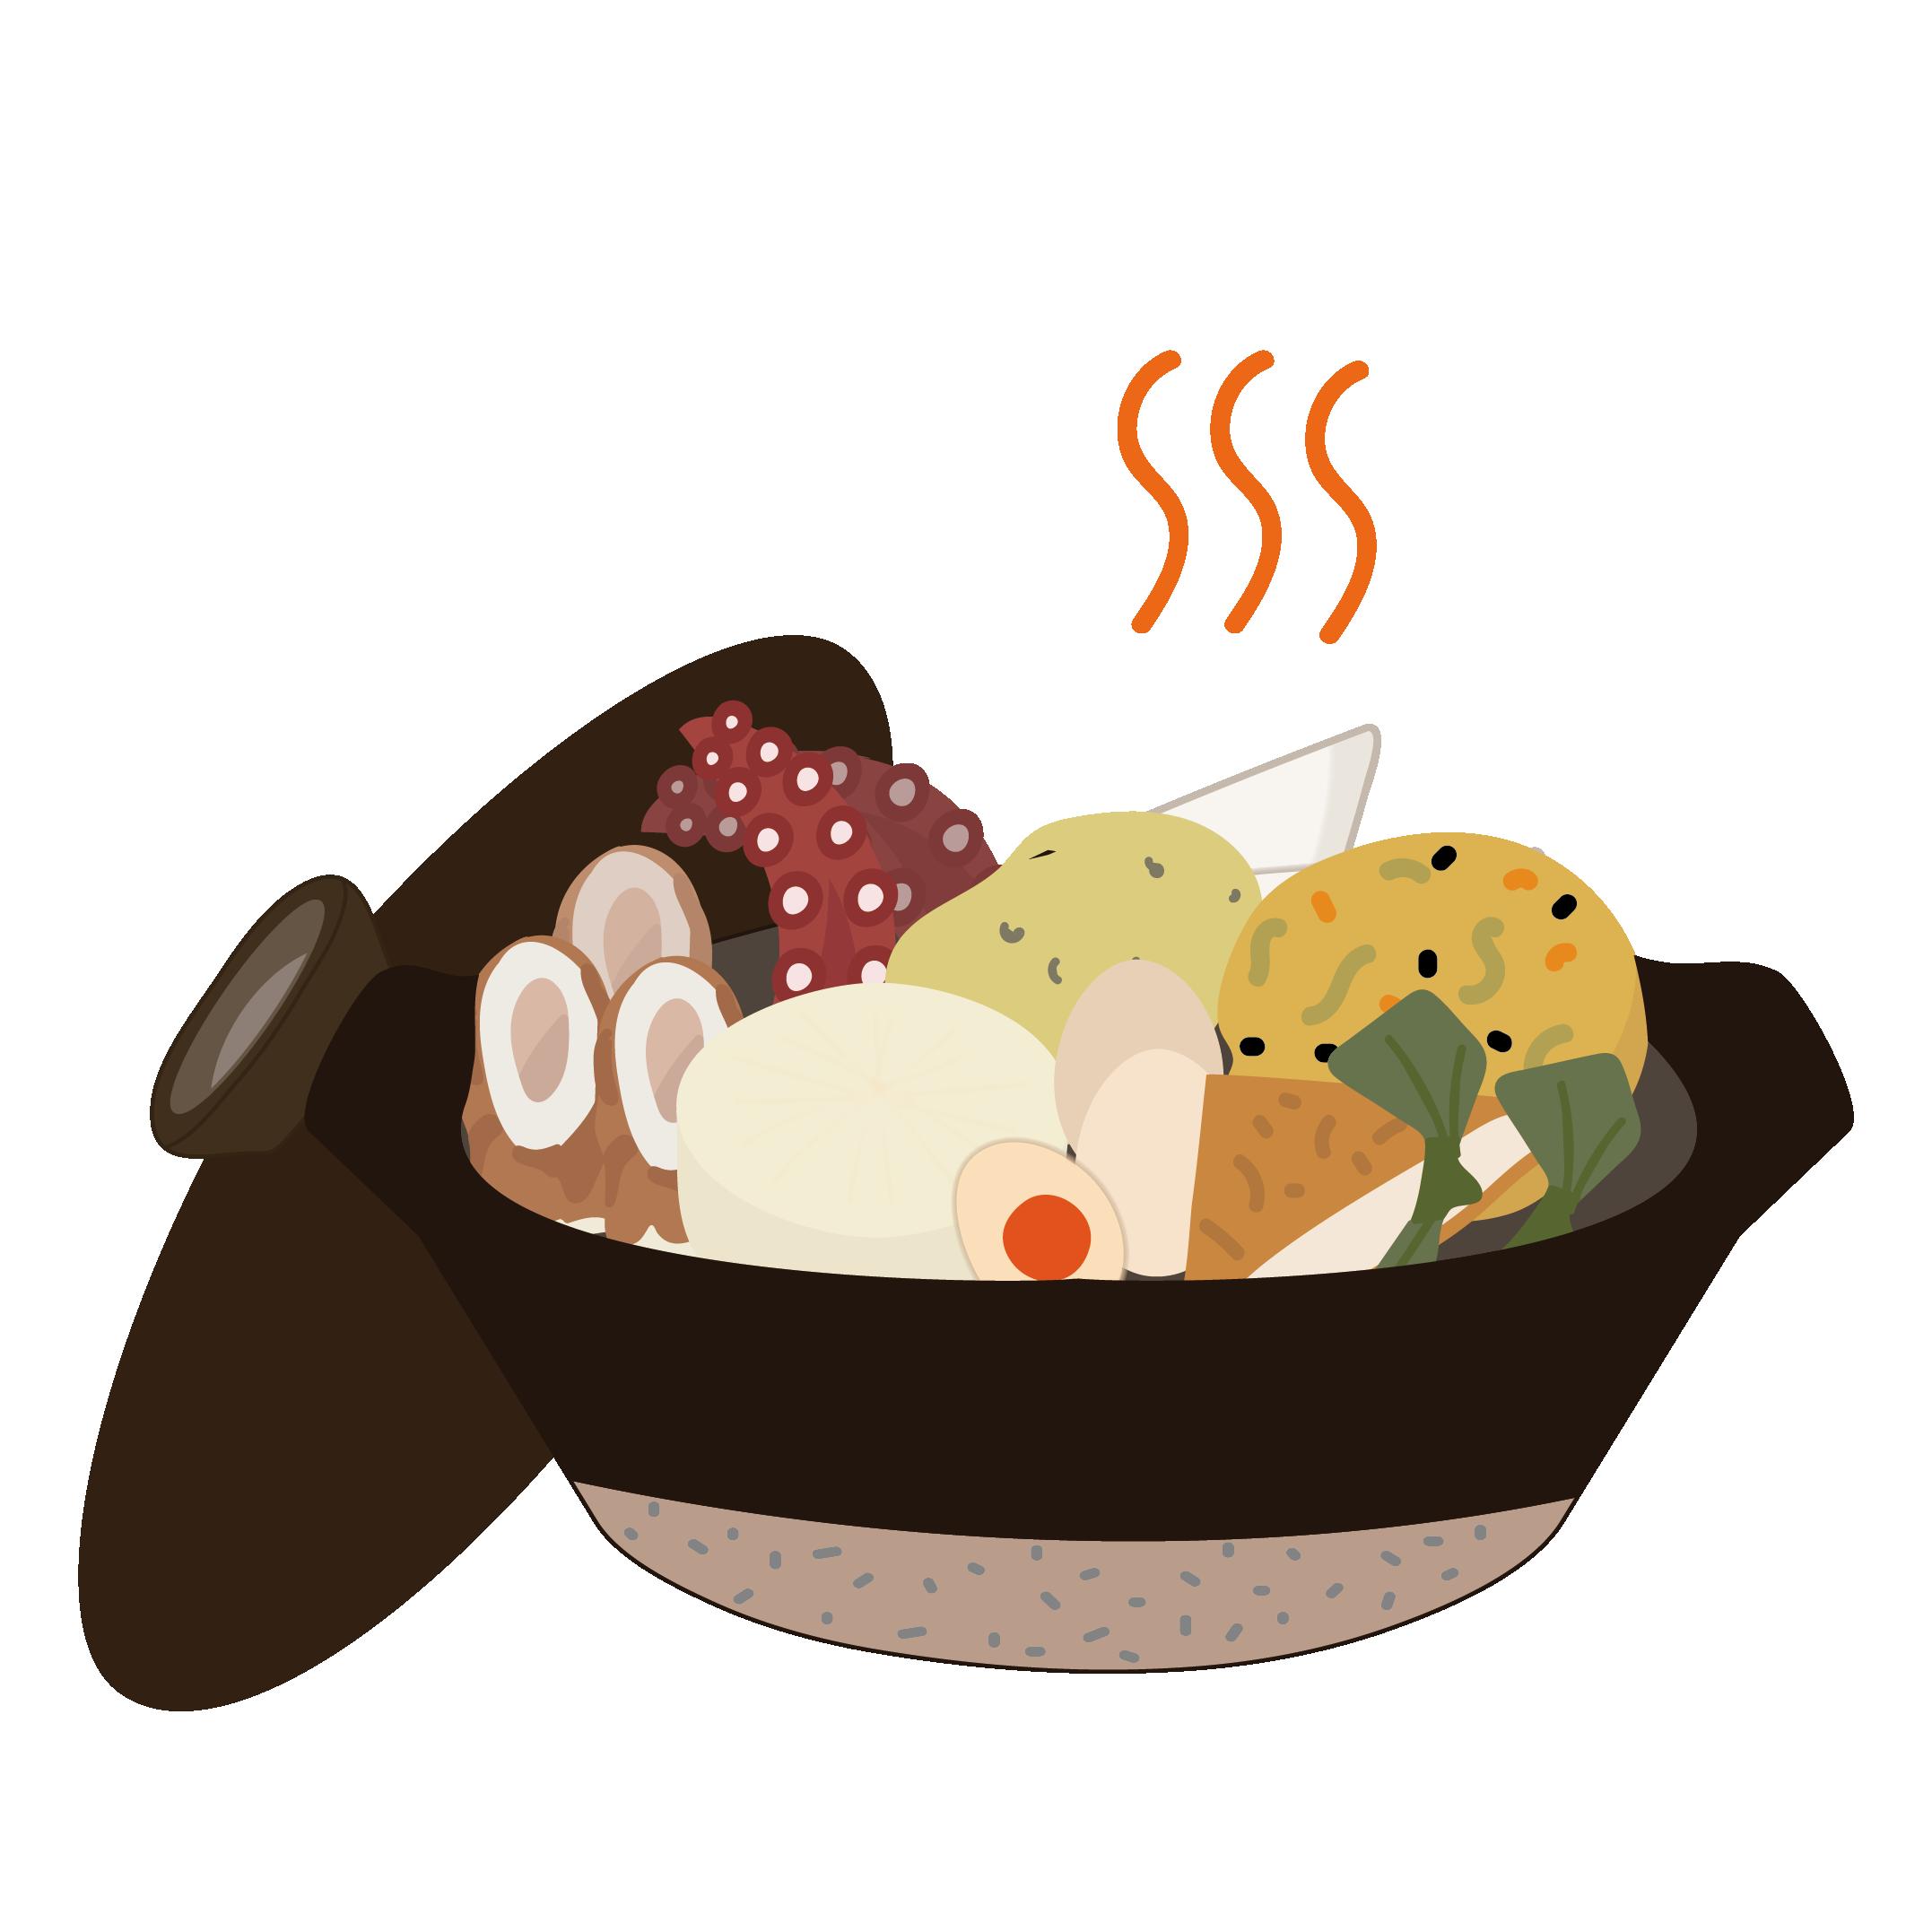 おでん の 無料 イラスト!土鍋にいっぱい♪